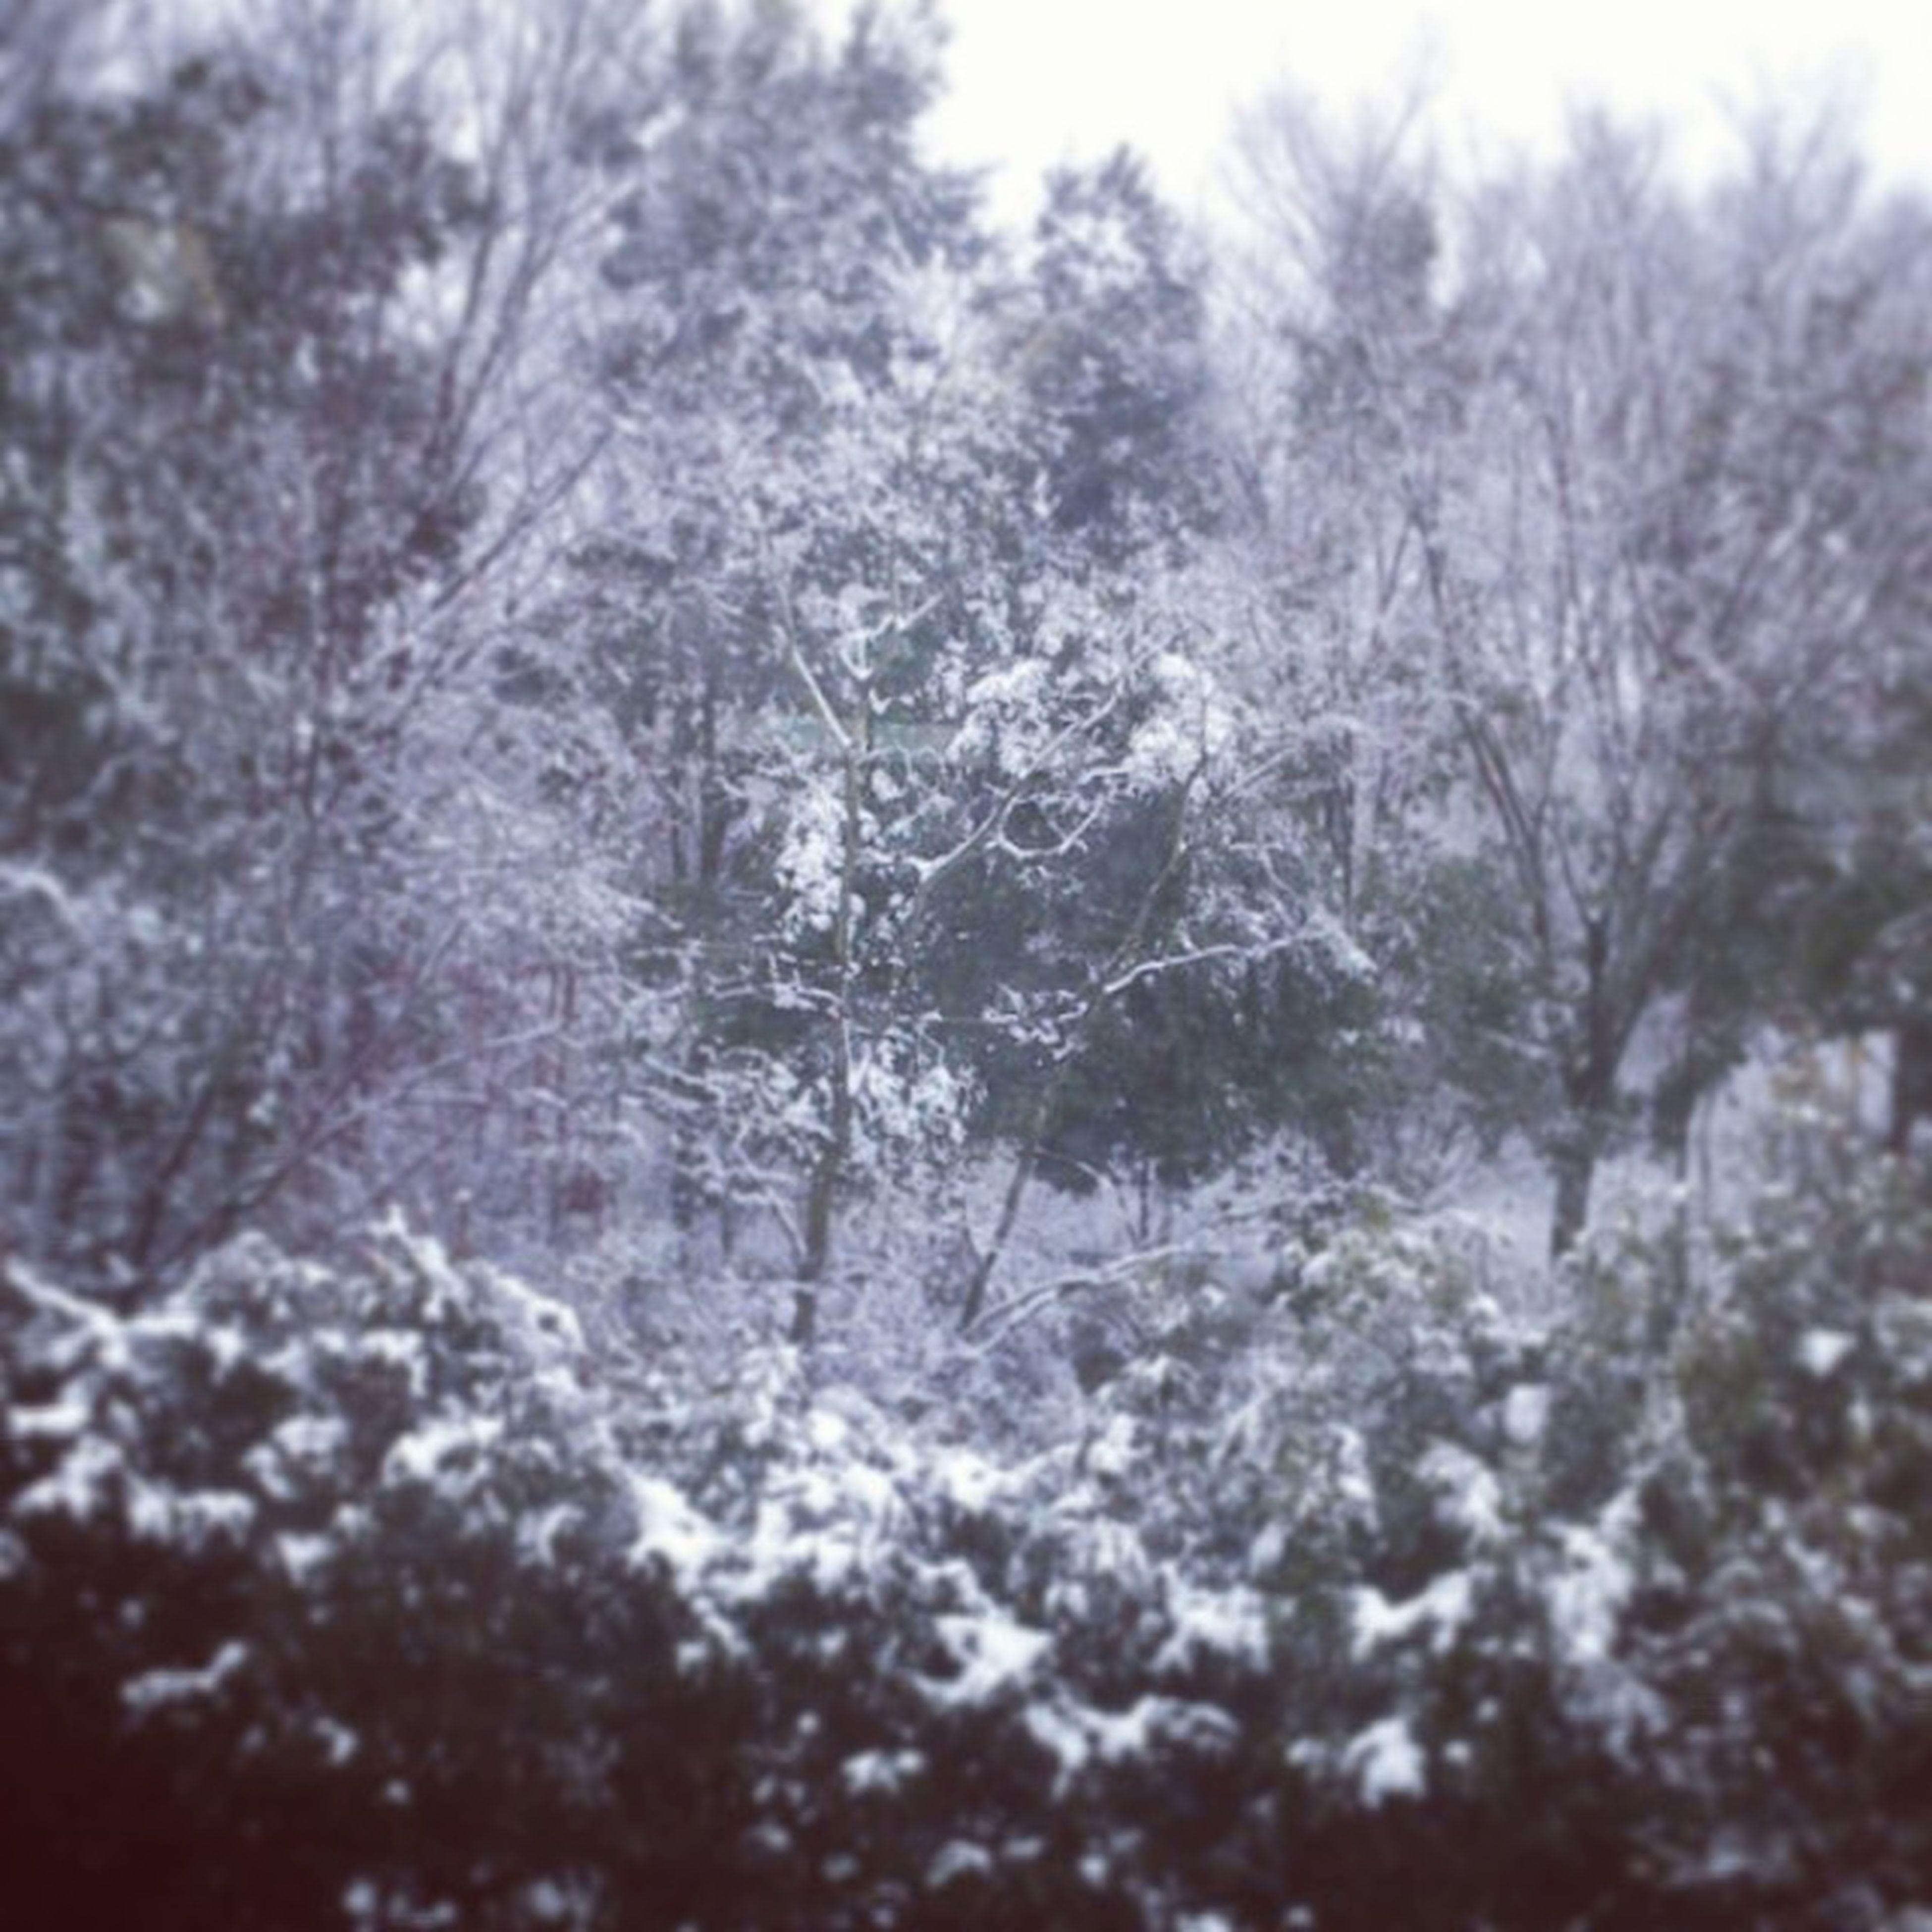 雪 教室より 若総 Snow 冬積もった寒い帰りたい綺麗腰痛い